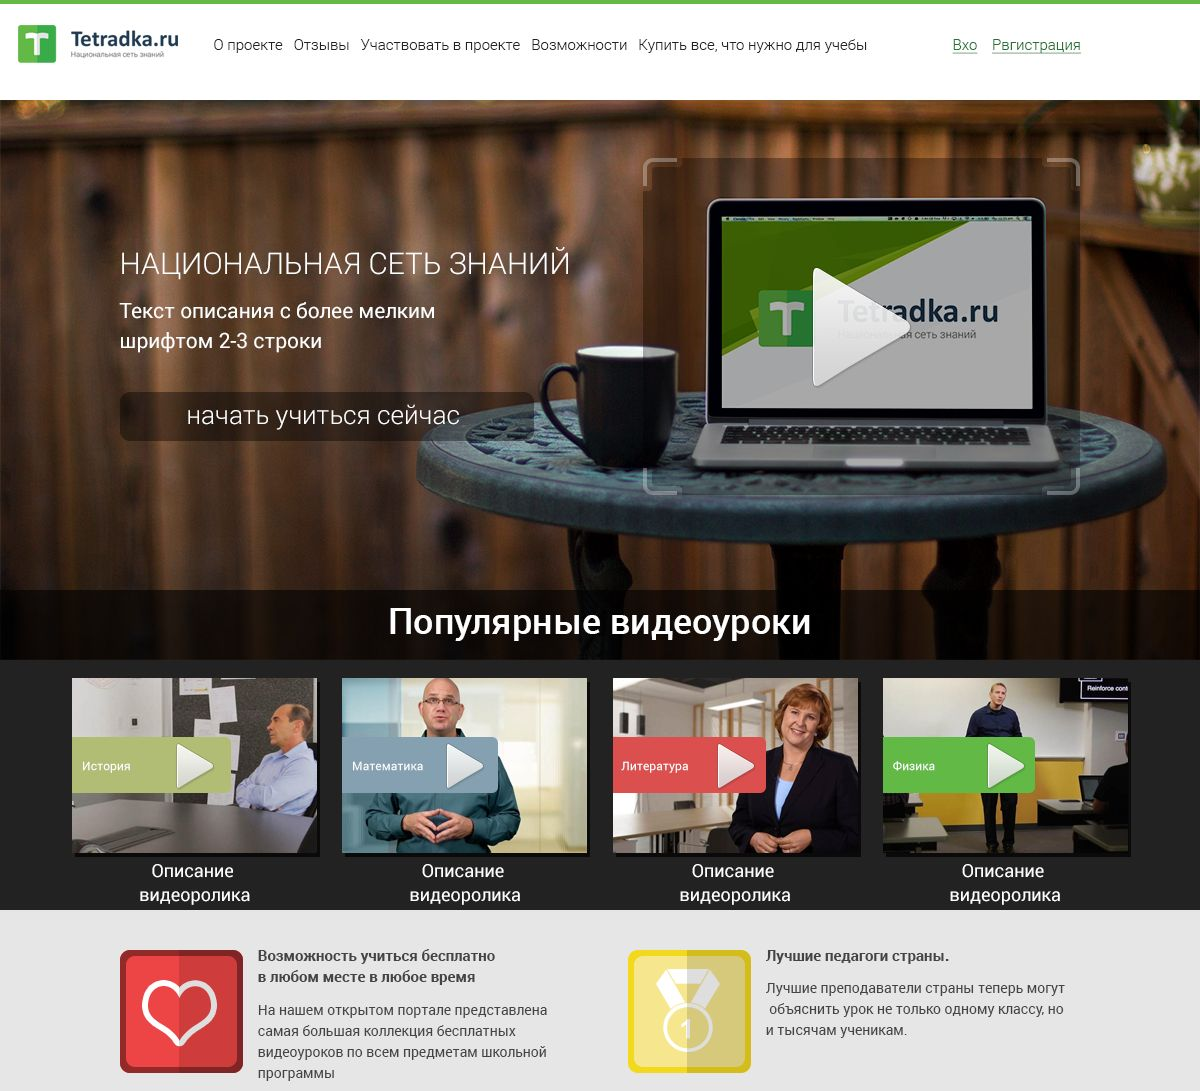 Главная страница образовательной сети tetradka.ru - дизайнер abo---